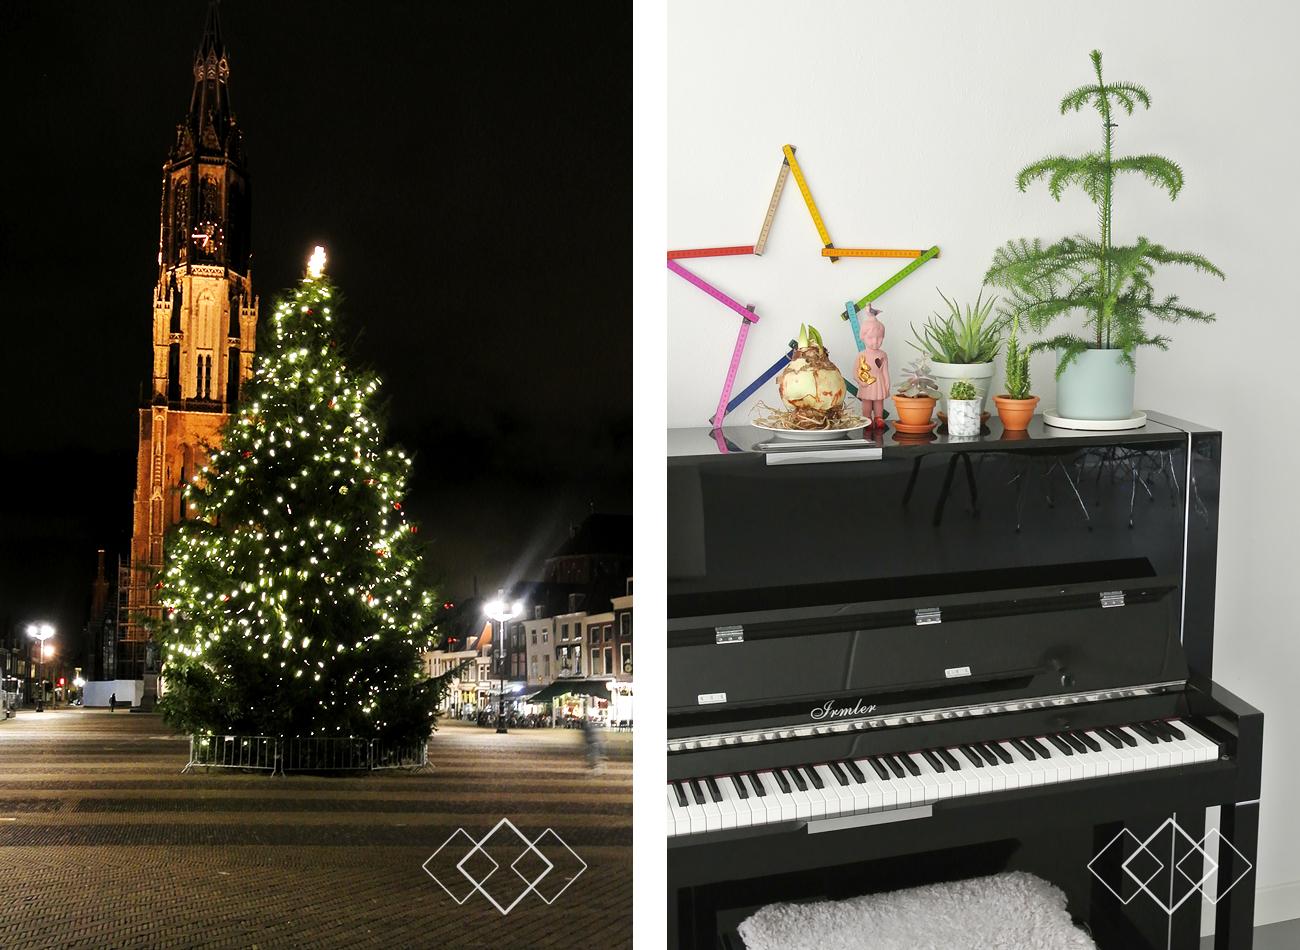 2e Kerstdag - Delft en piano